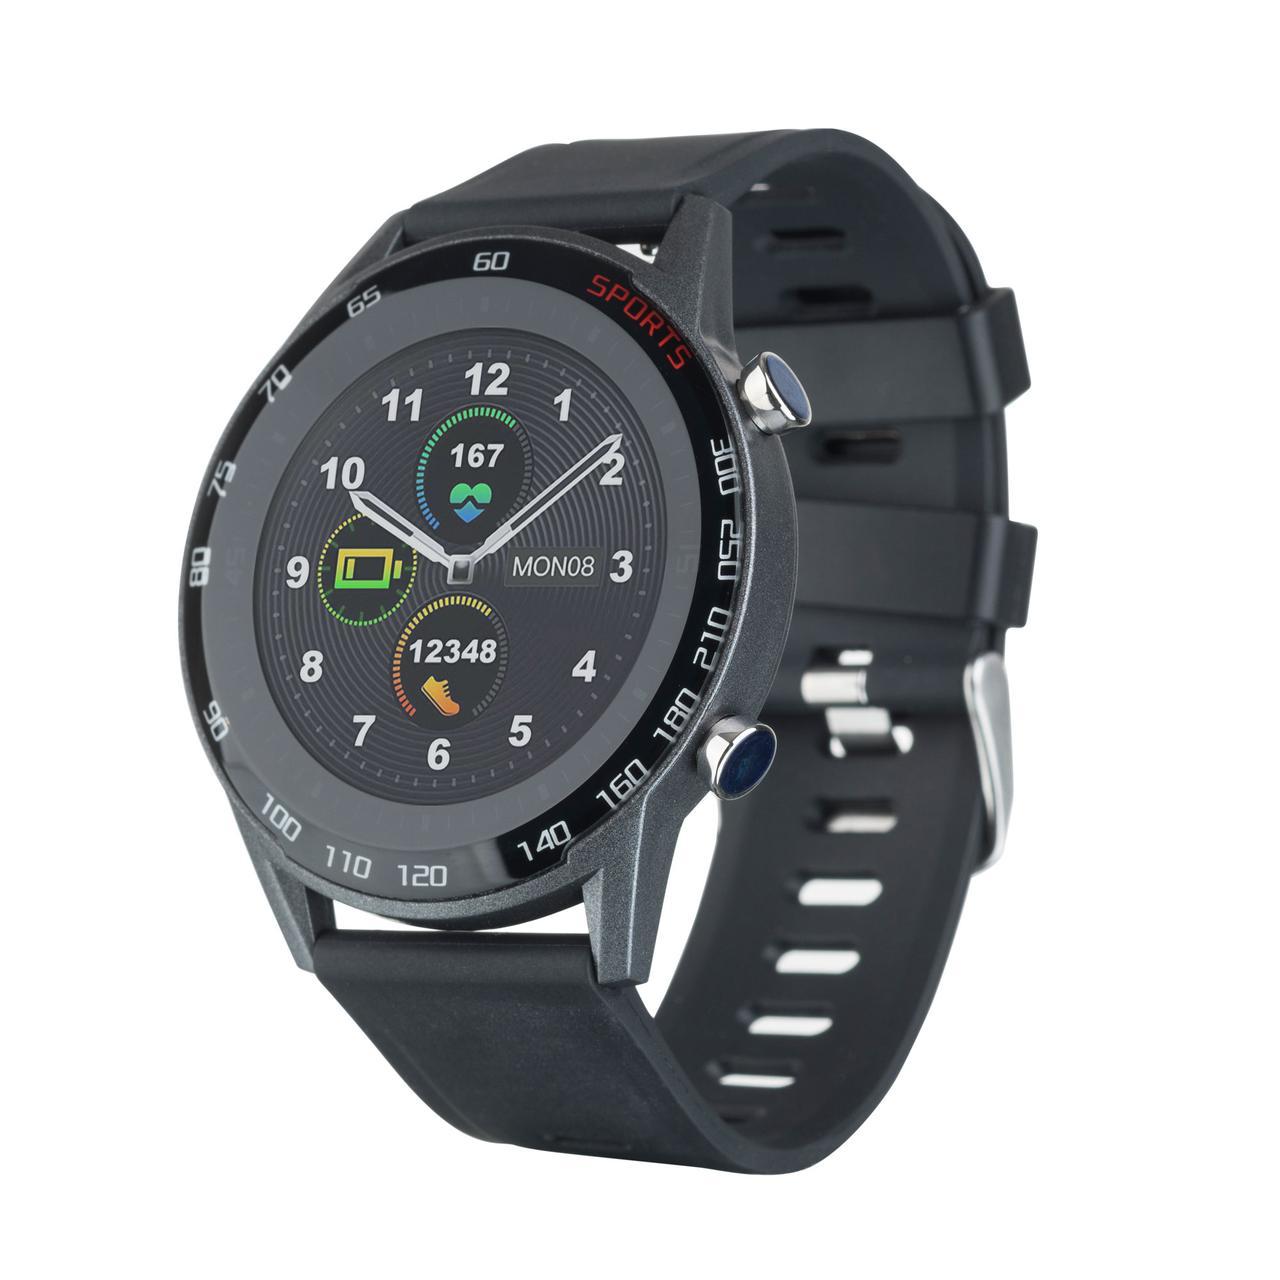 Смарт-часы Globex Me2 Black